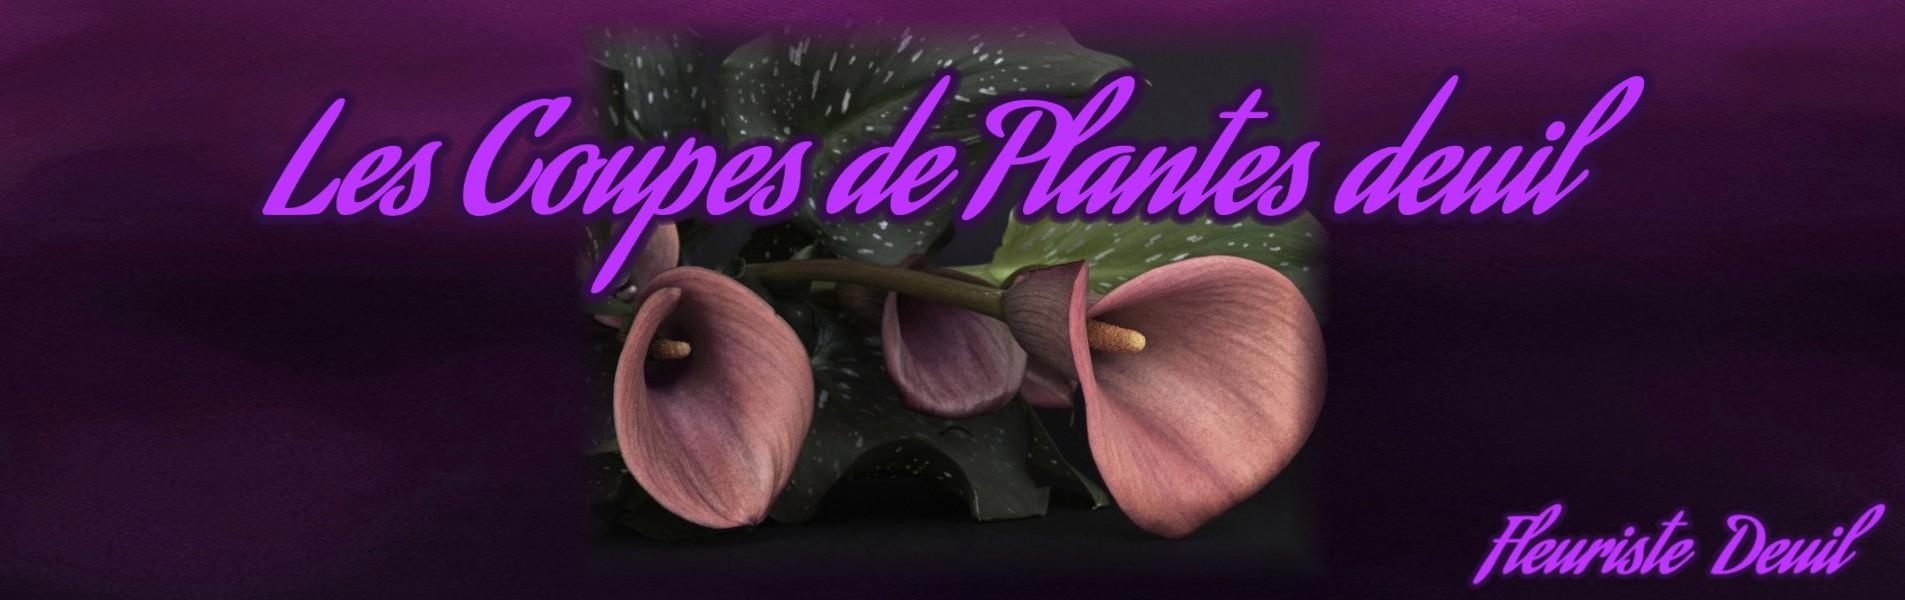 LES COUPES DE PLANTES